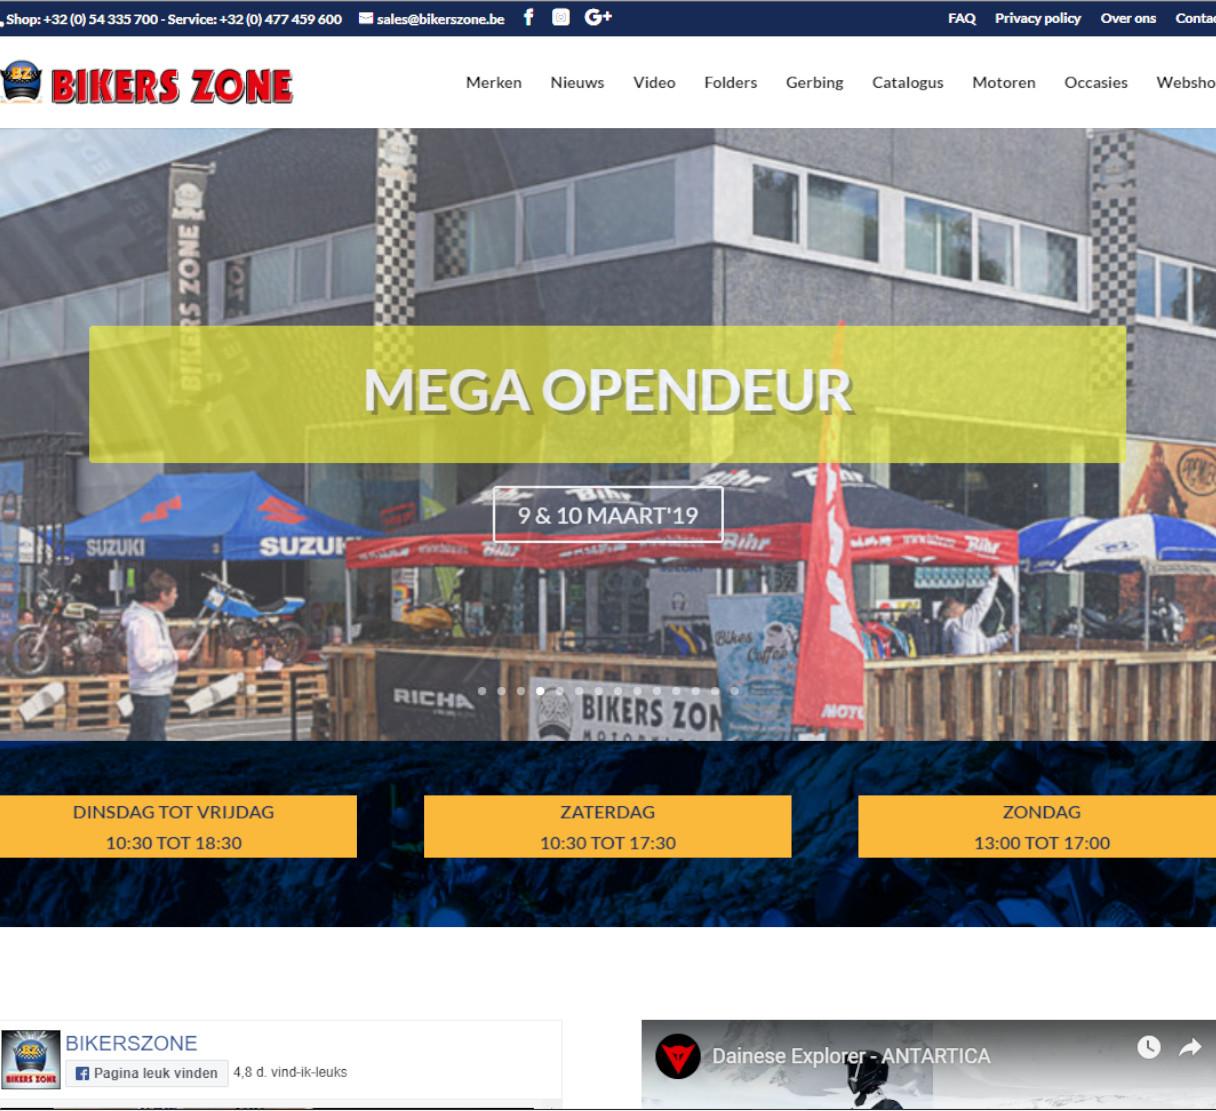 FashionManager Web - Bikerszone